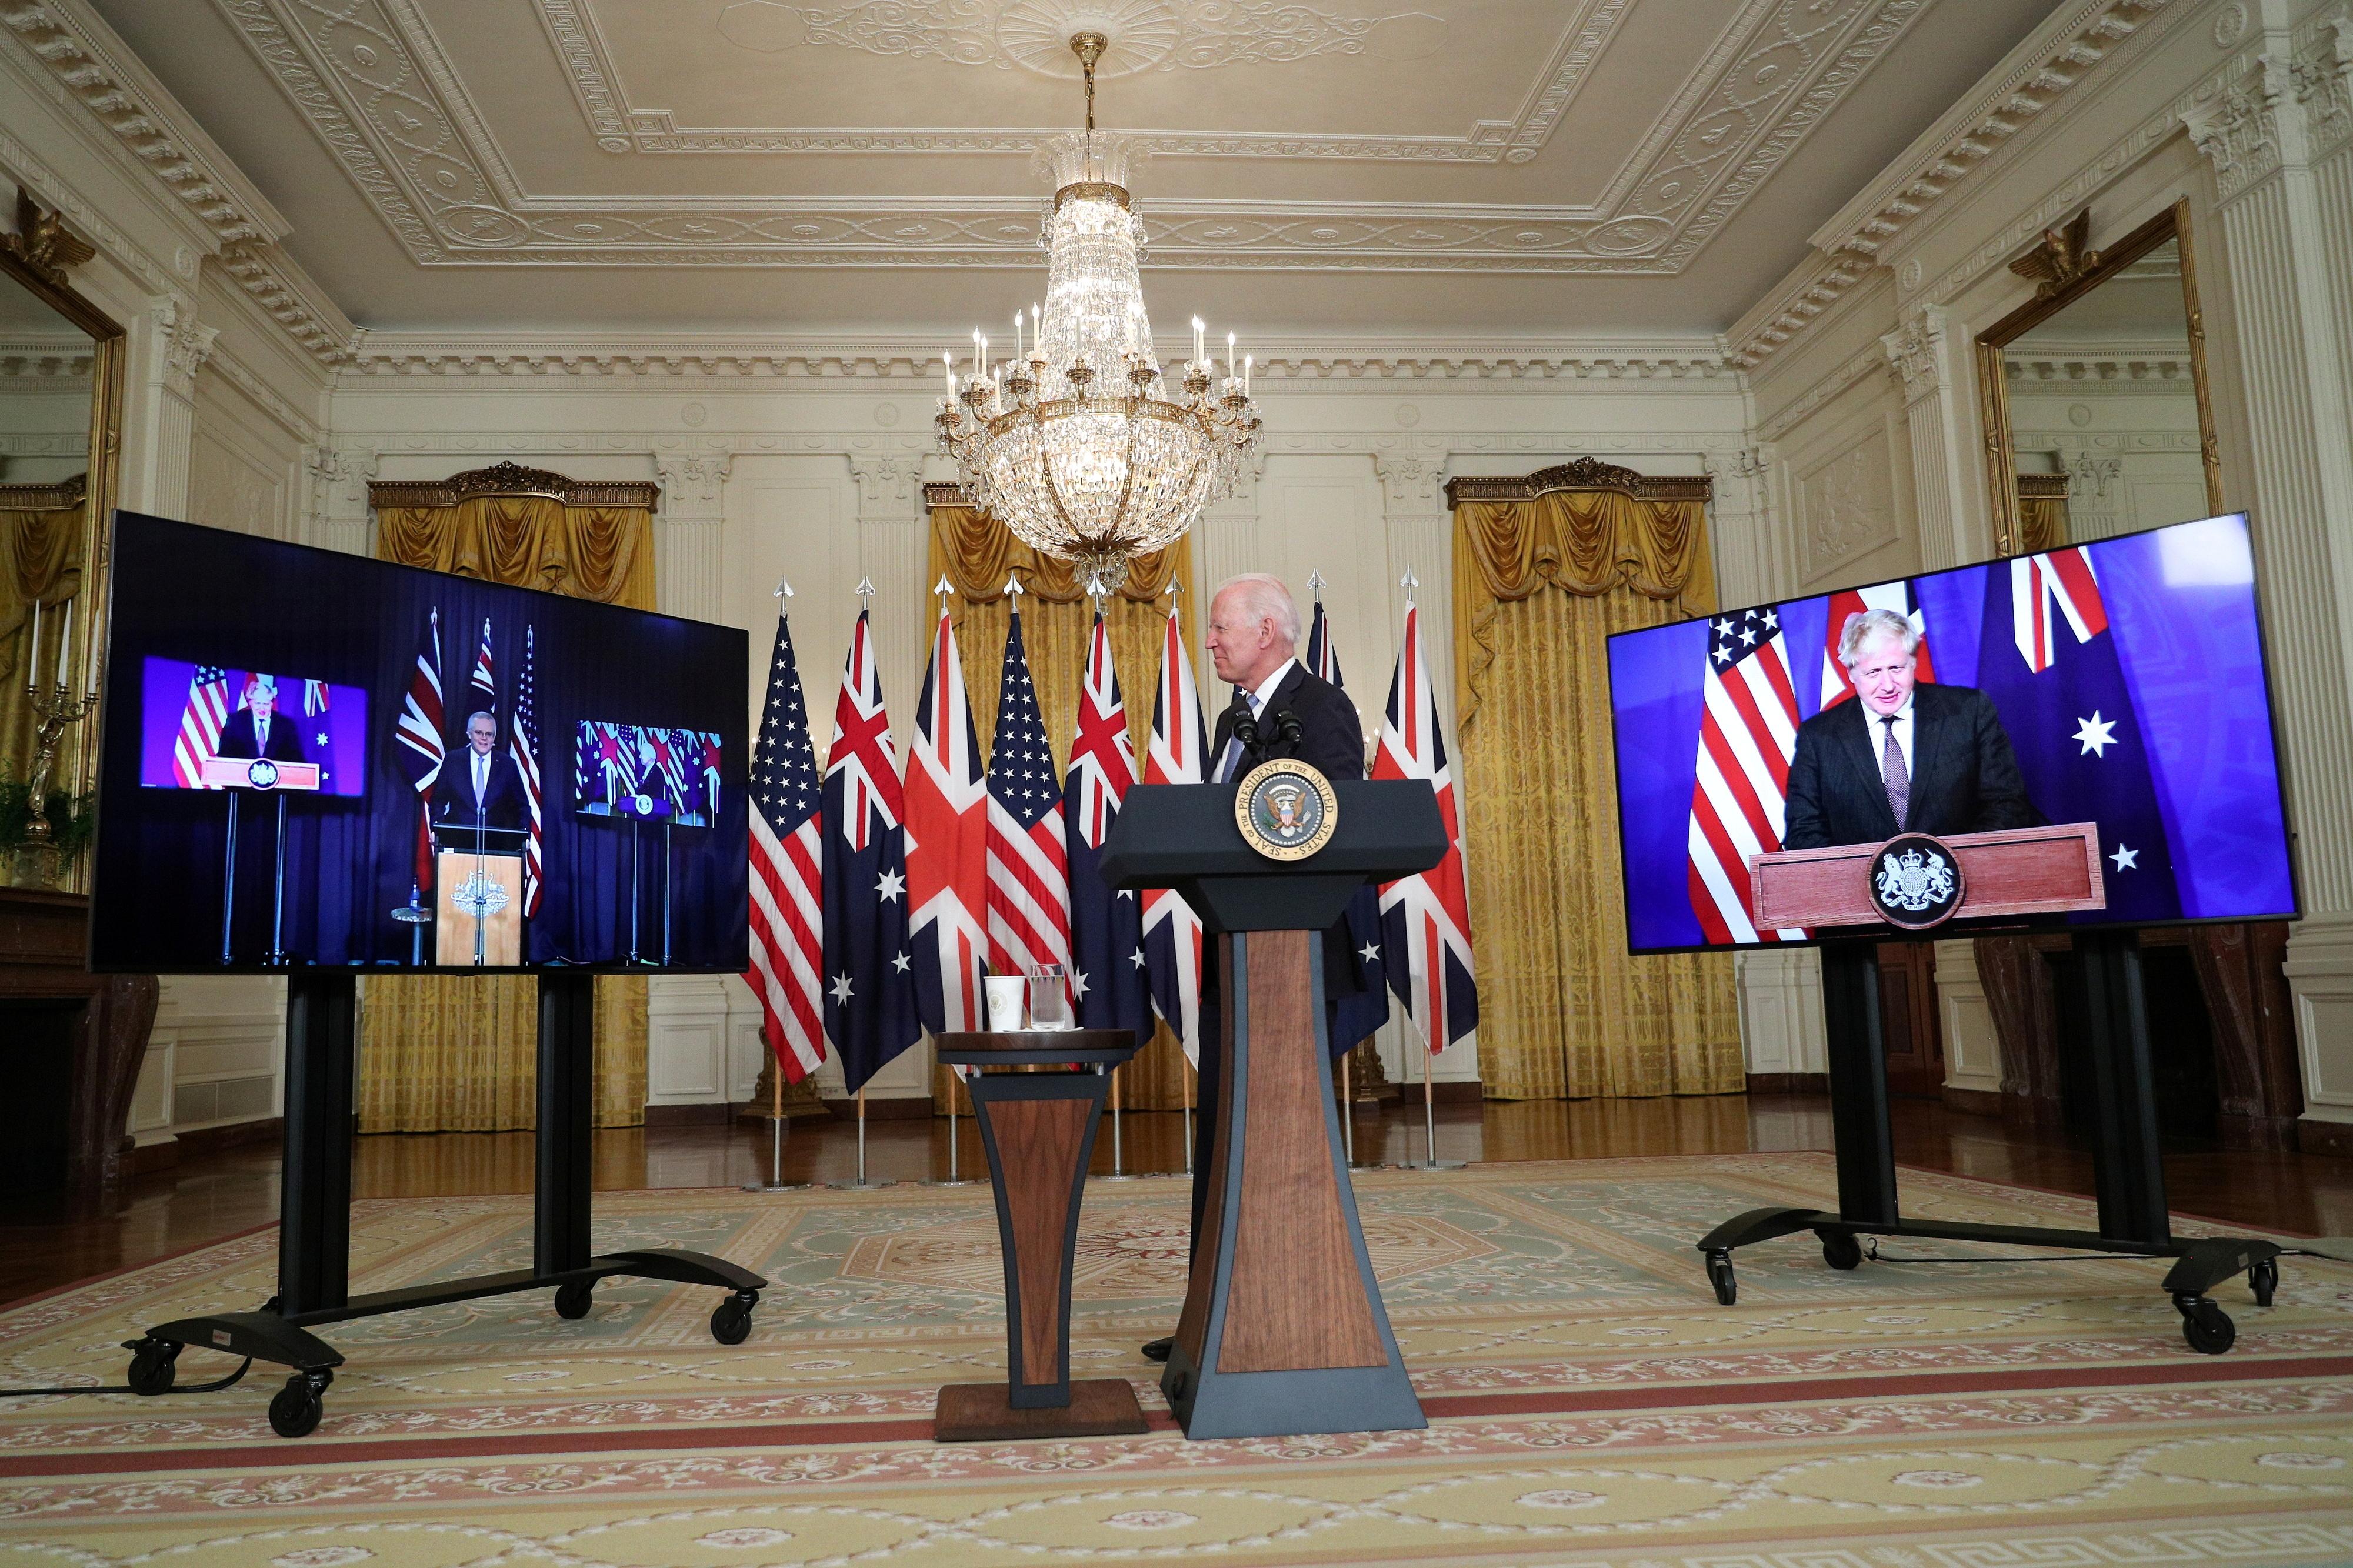 Tổng thống Hoa Kỳ Joe Biden phát biểu về Sáng kiến An ninh Quốc gia hầu như với Thủ tướng Úc Scott Morrison và Thủ tướng Anh Boris Johnson, bên trong Phòng Đông tại Nhà Trắng ở Washington, Hoa Kỳ, ngày 15 tháng 9 năm 2021. REUTERS / Tom Brenner / File Photo